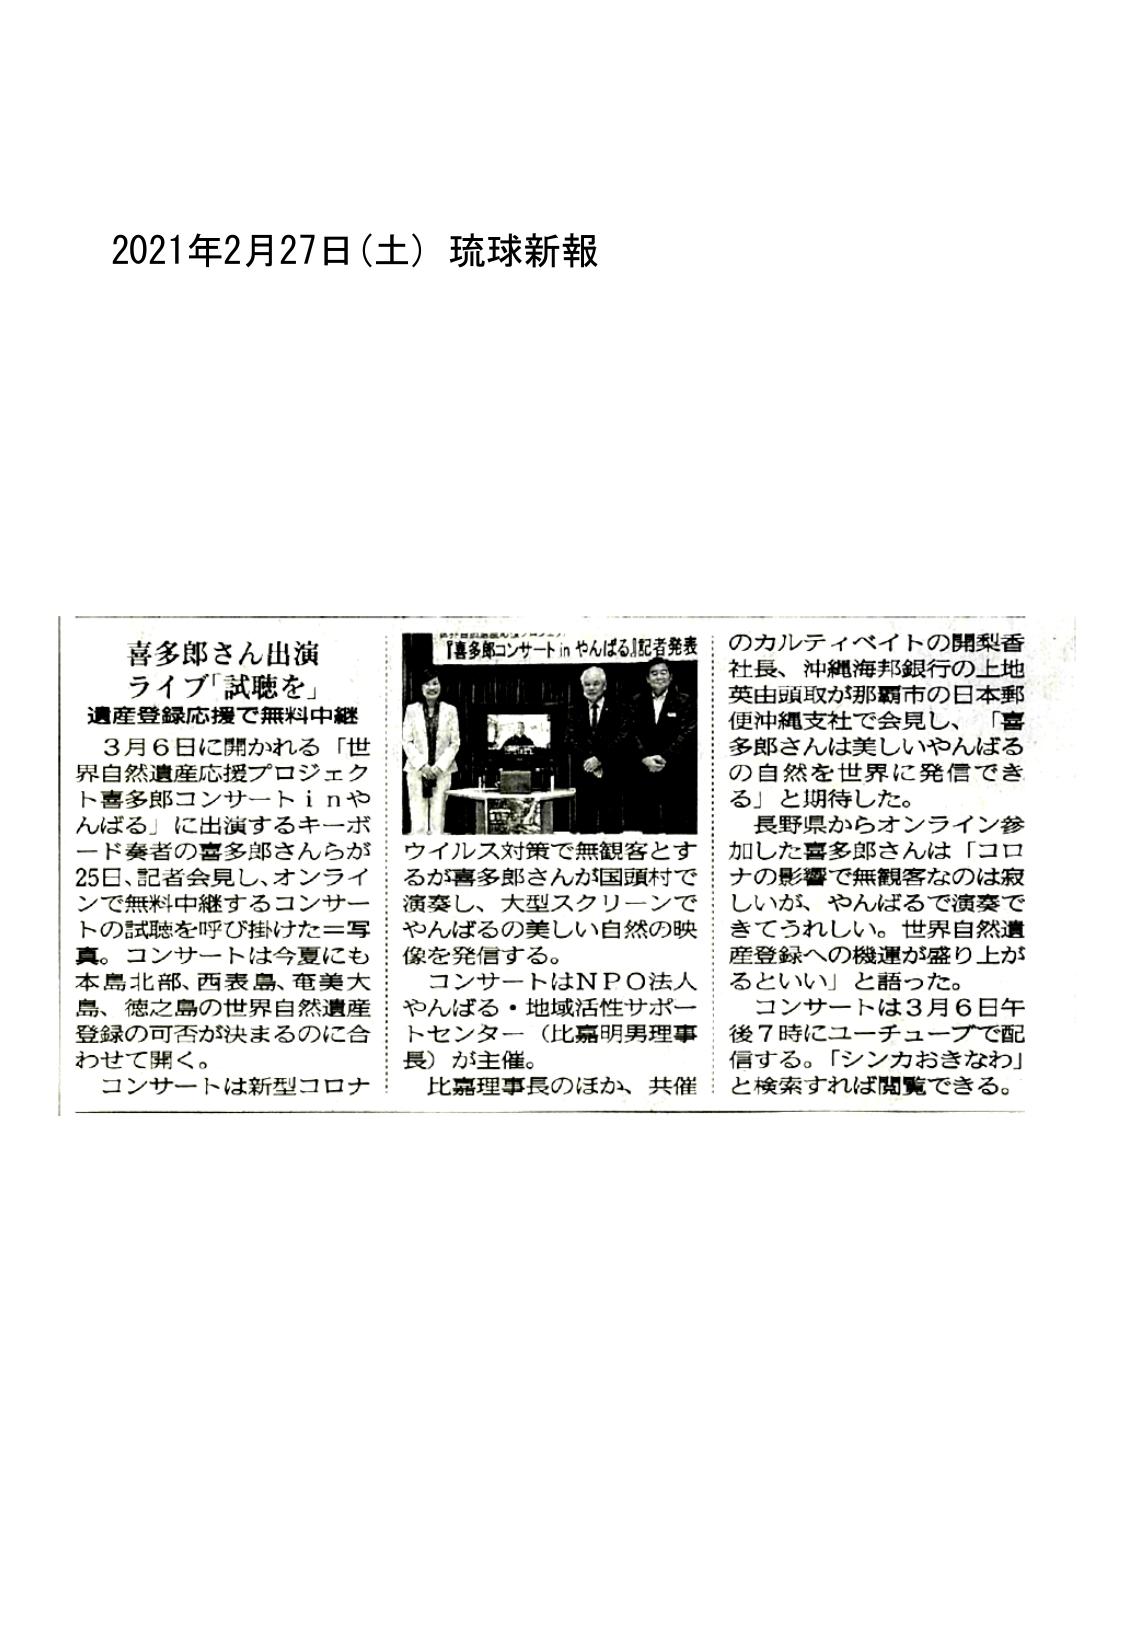 210227【喜多郎】コンサート_琉球新報_pages-to-jpg-0001